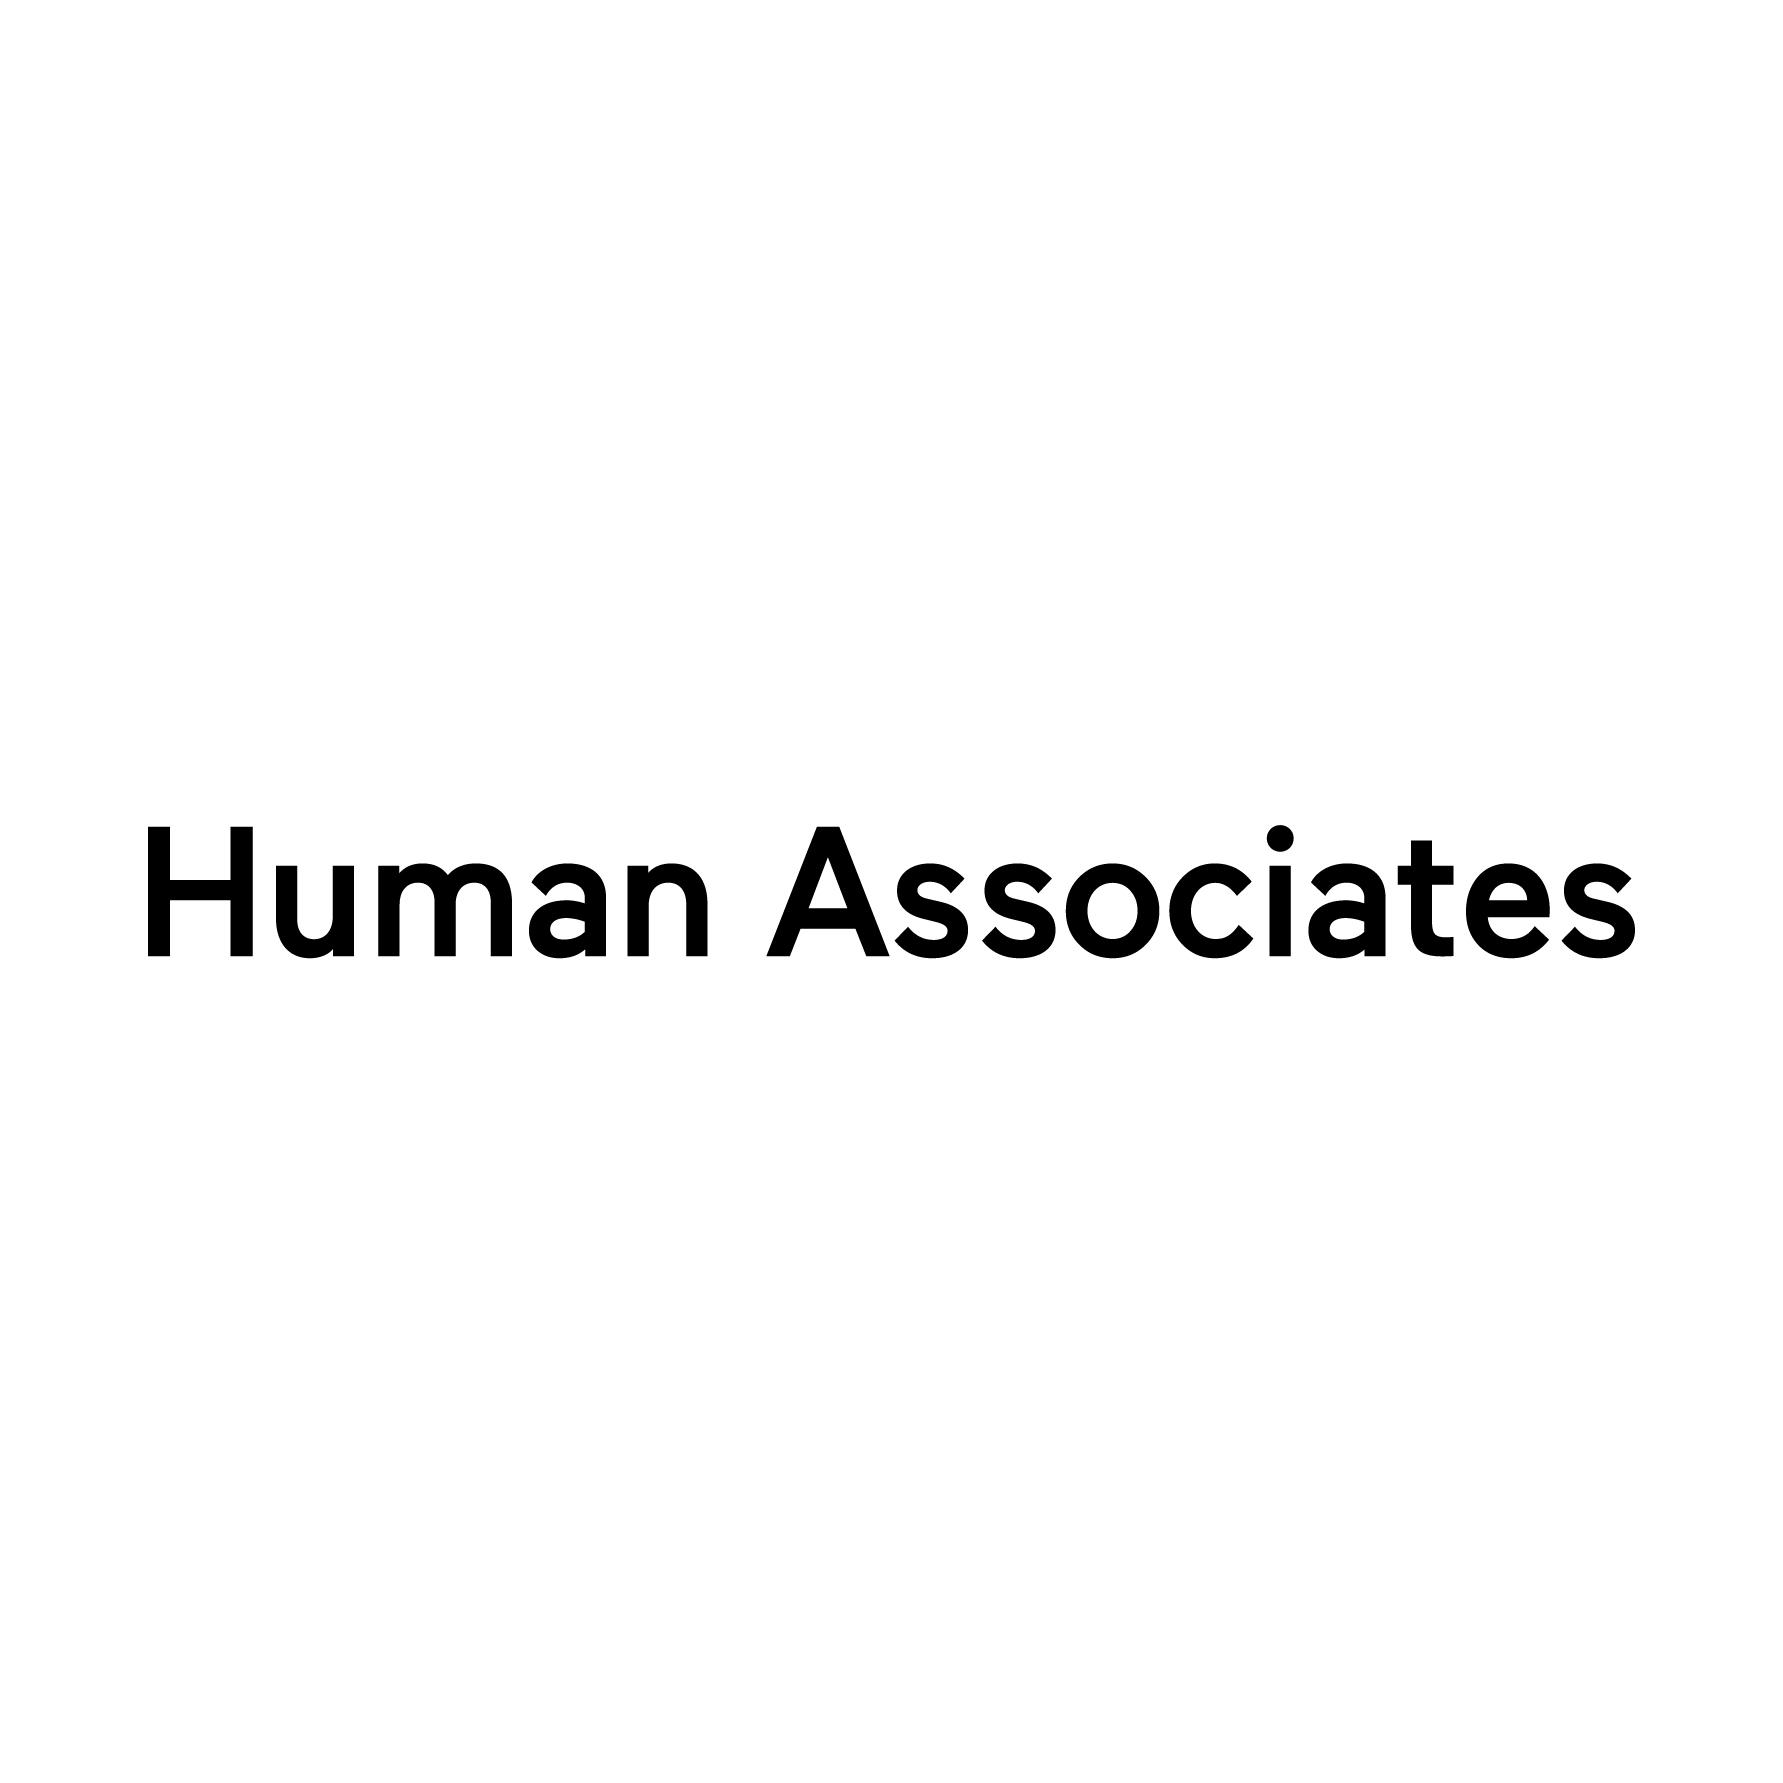 Human Associates02